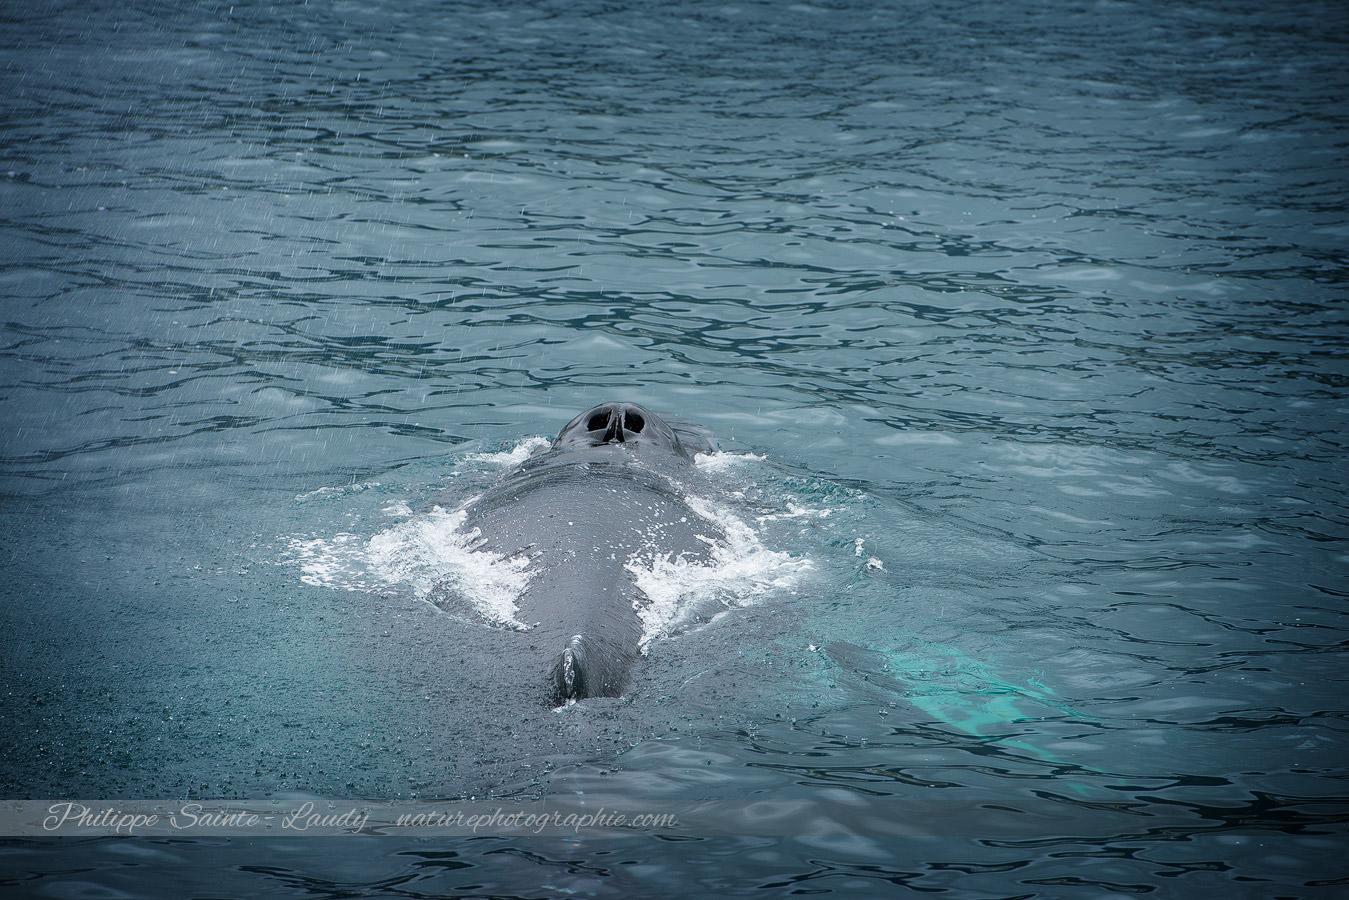 Baleine 6